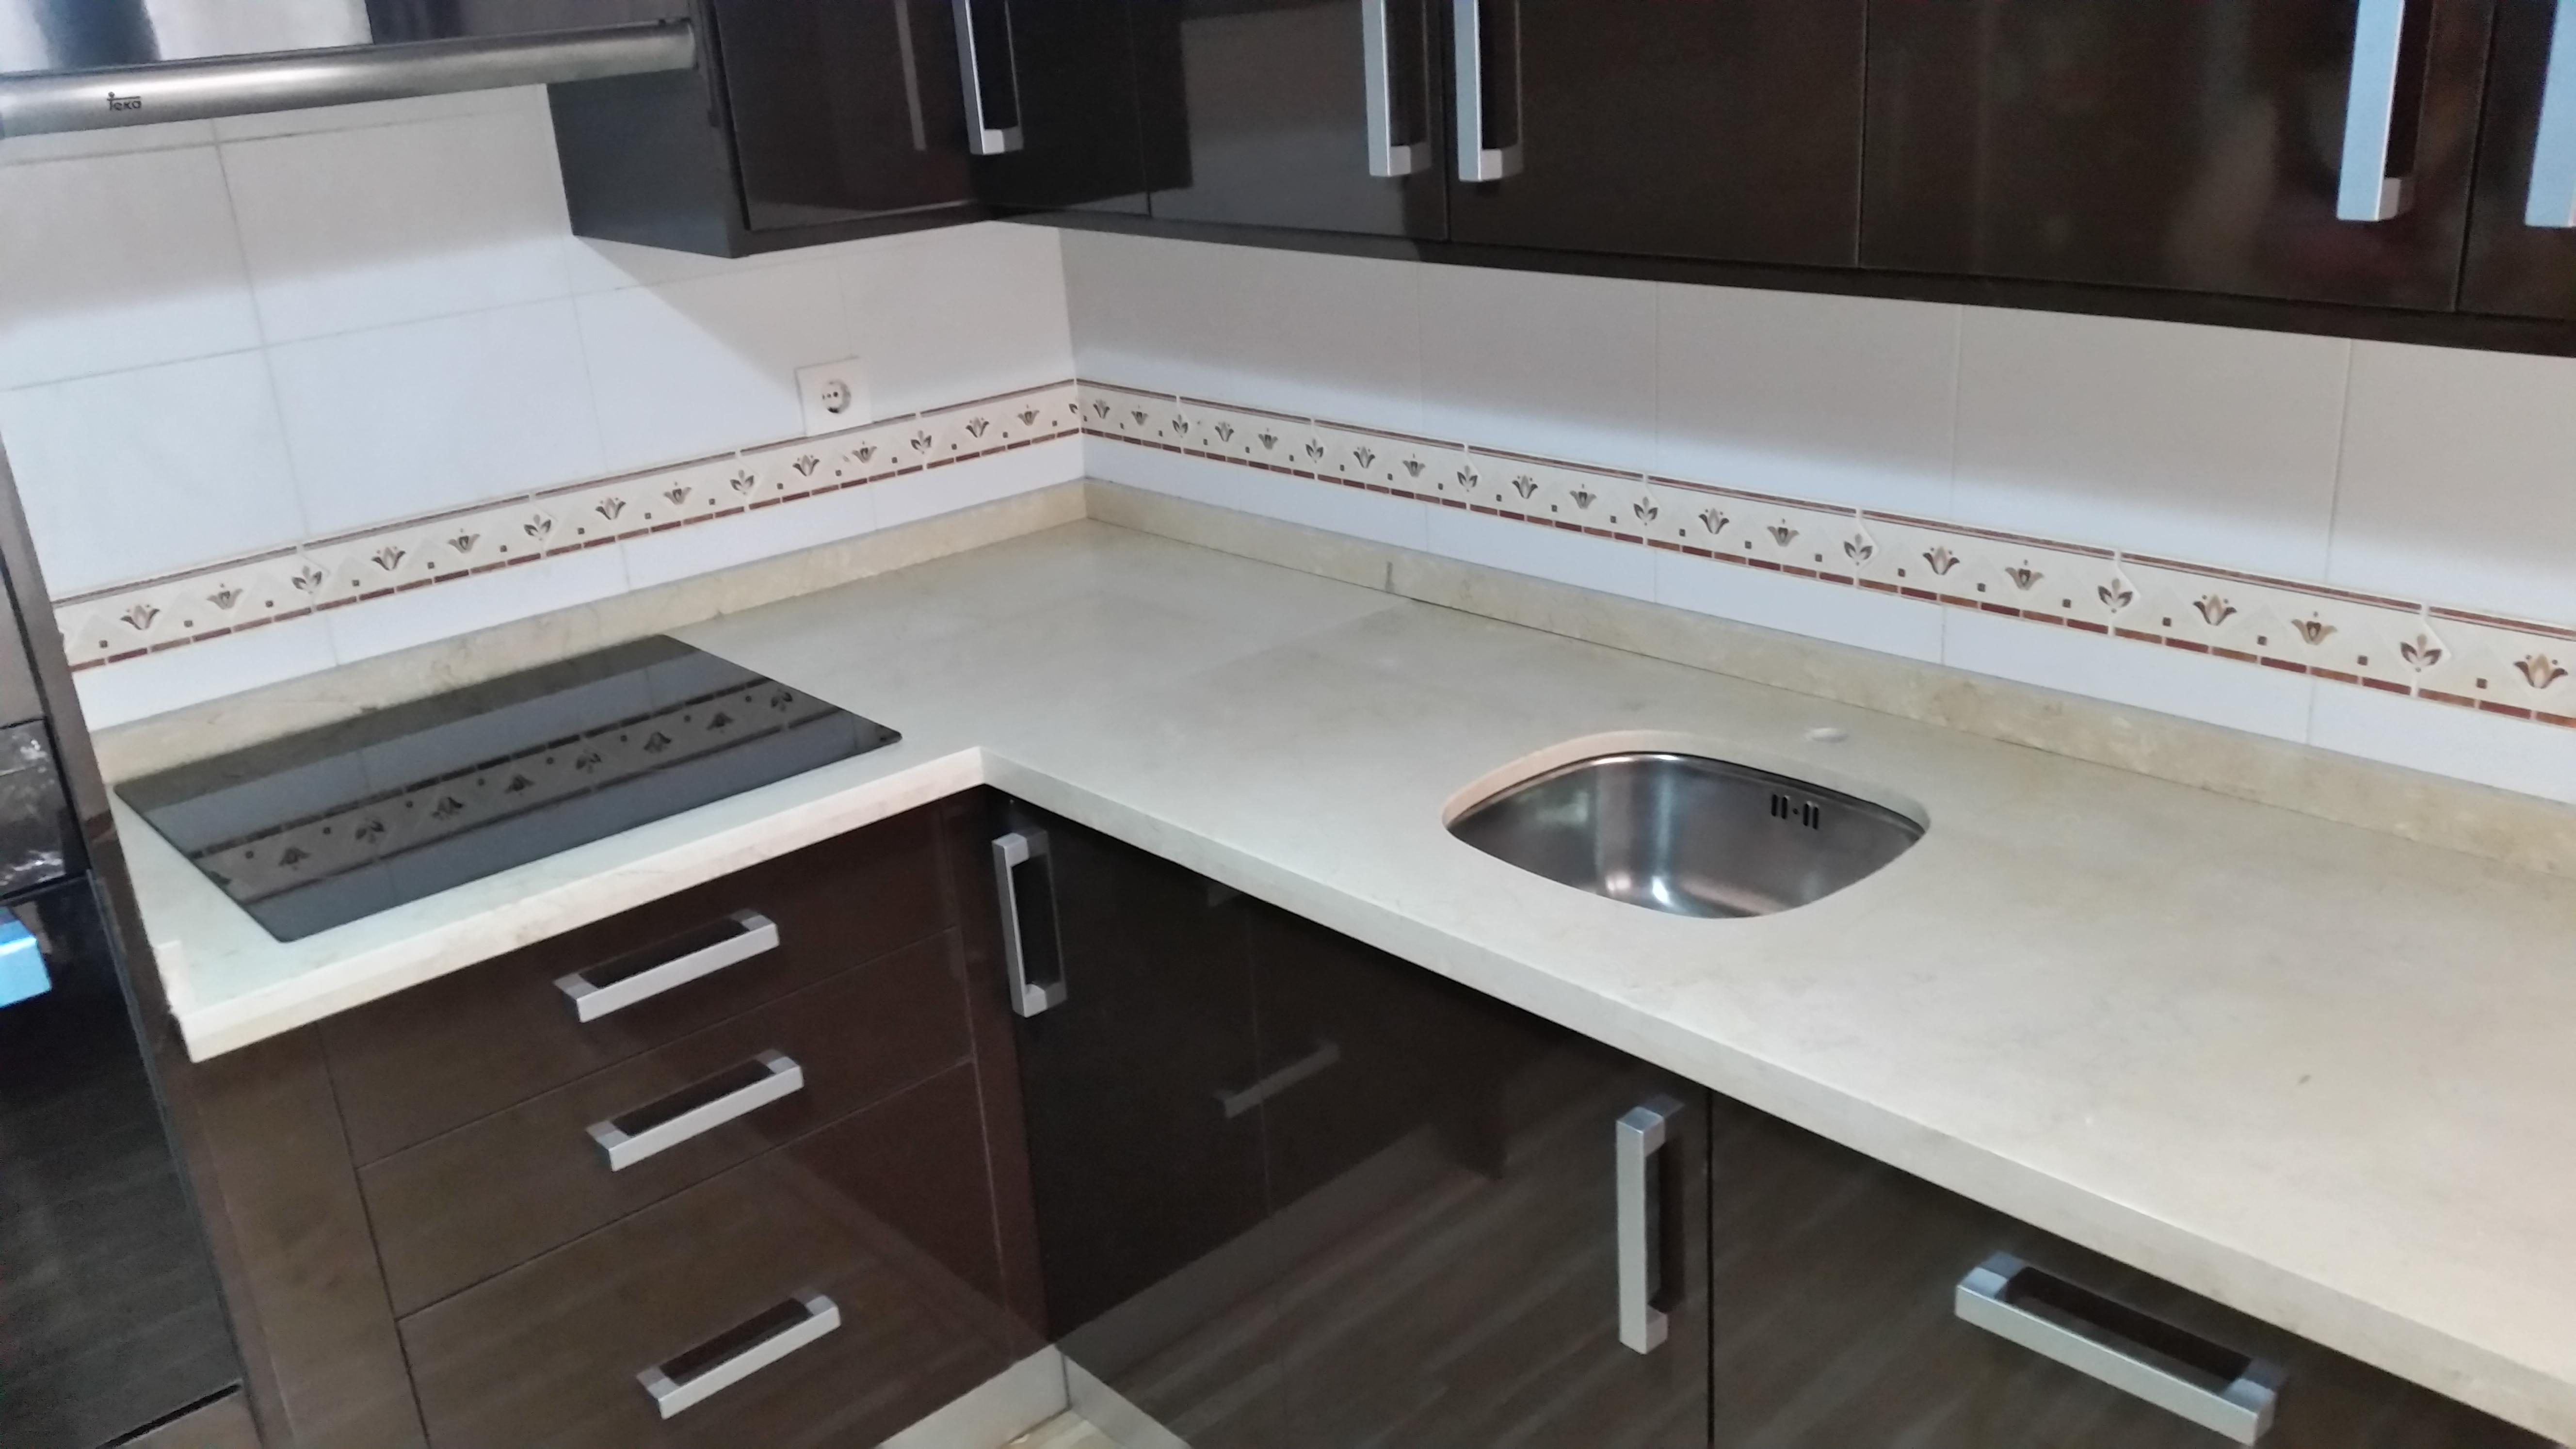 Encimeras de cocina m rmoles y granitos mart n - Encimera marmol cocina ...